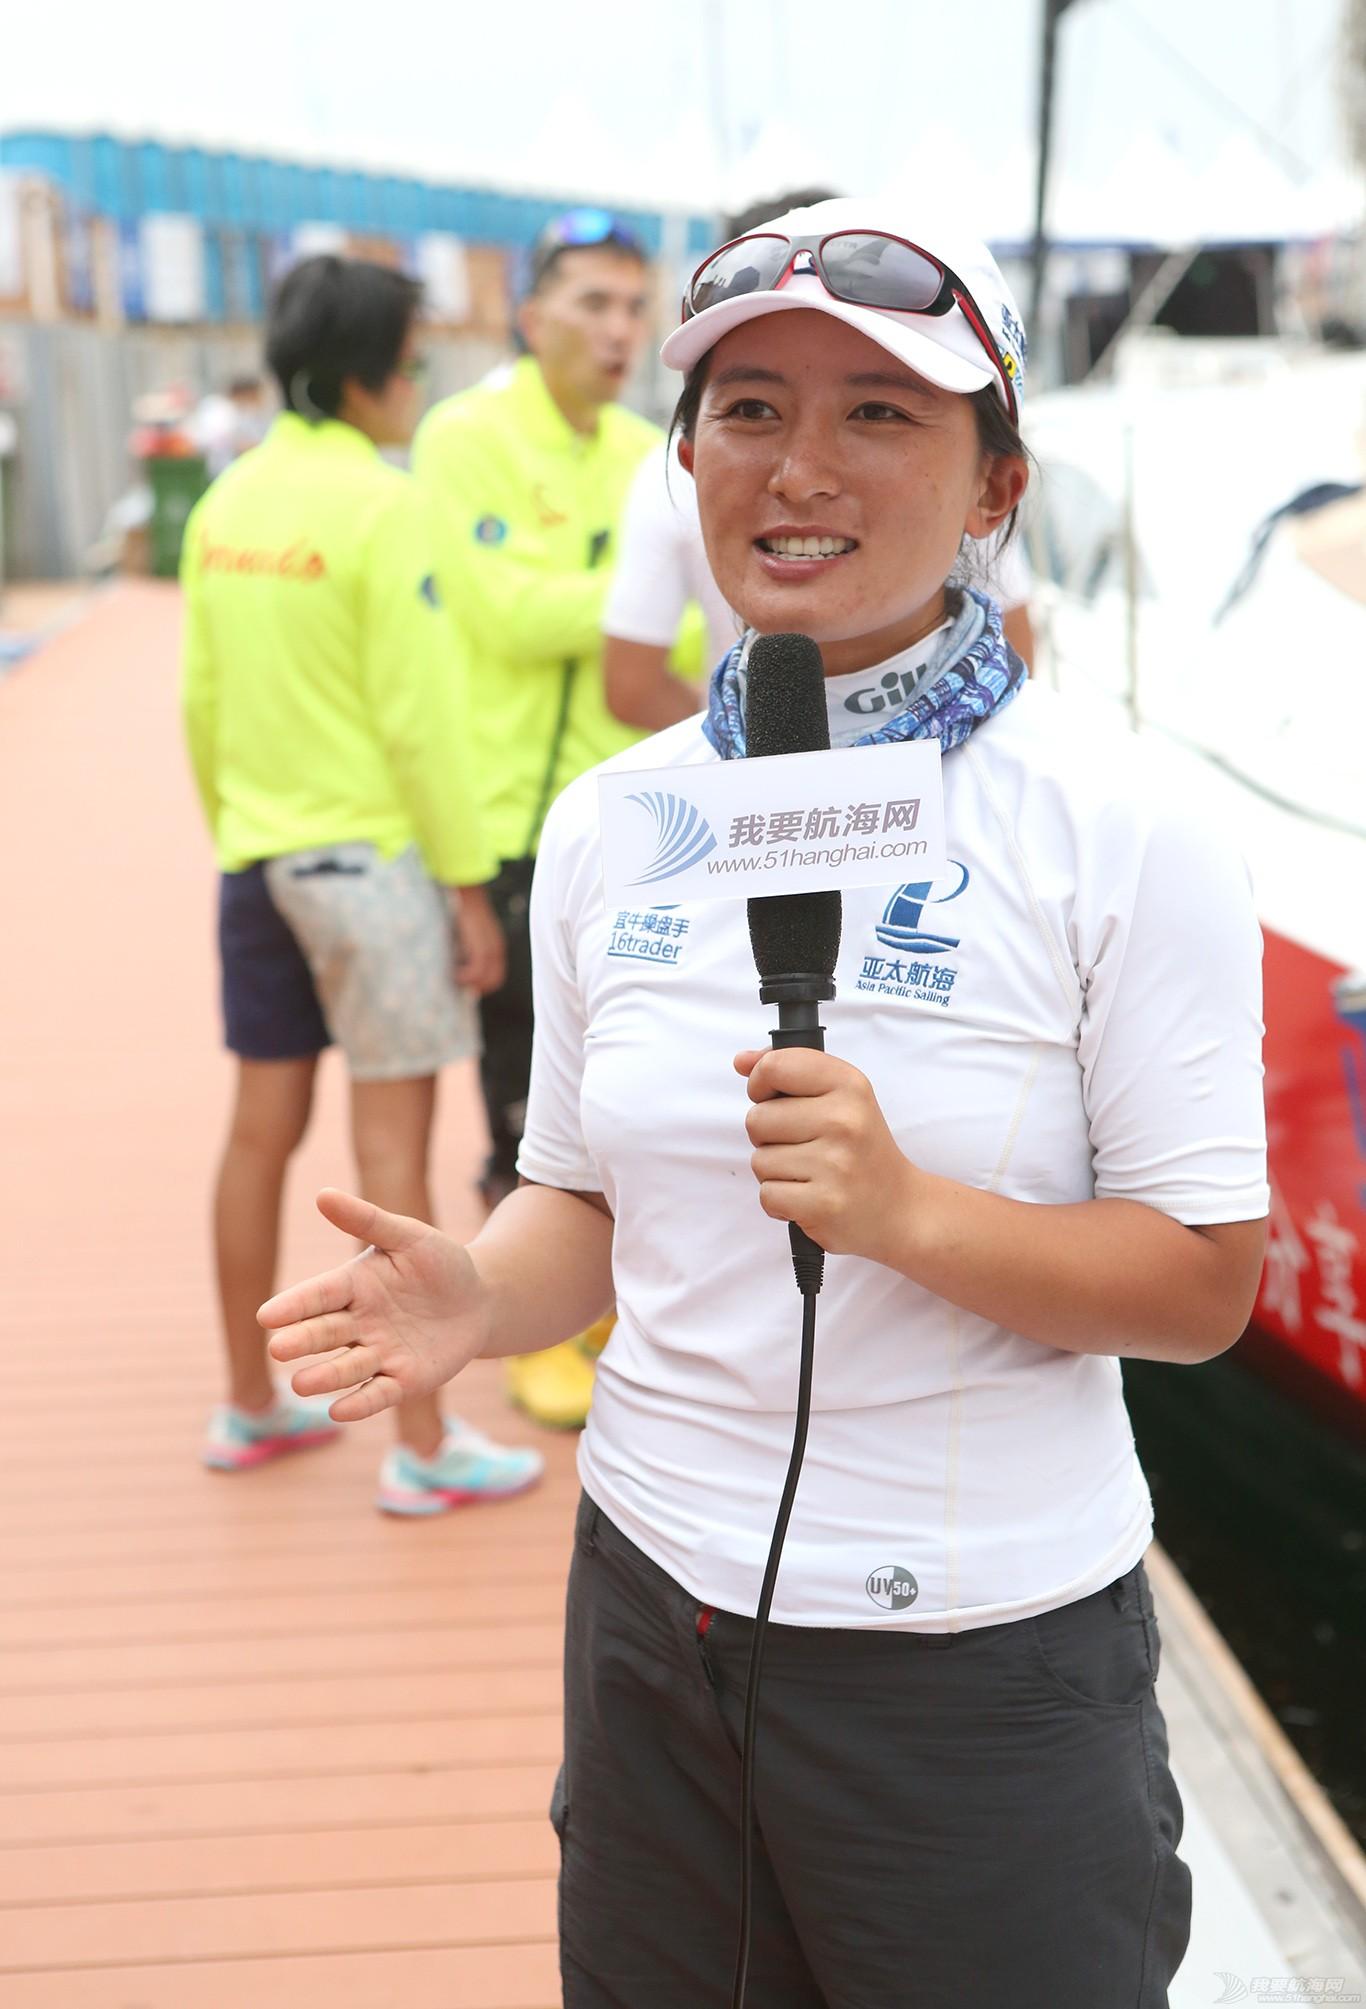 中国 我要航海网采访宋坤、徐京坤、翁少瑛等参加中国杯的船长、船员 (视频) 5V8A6702.JPG